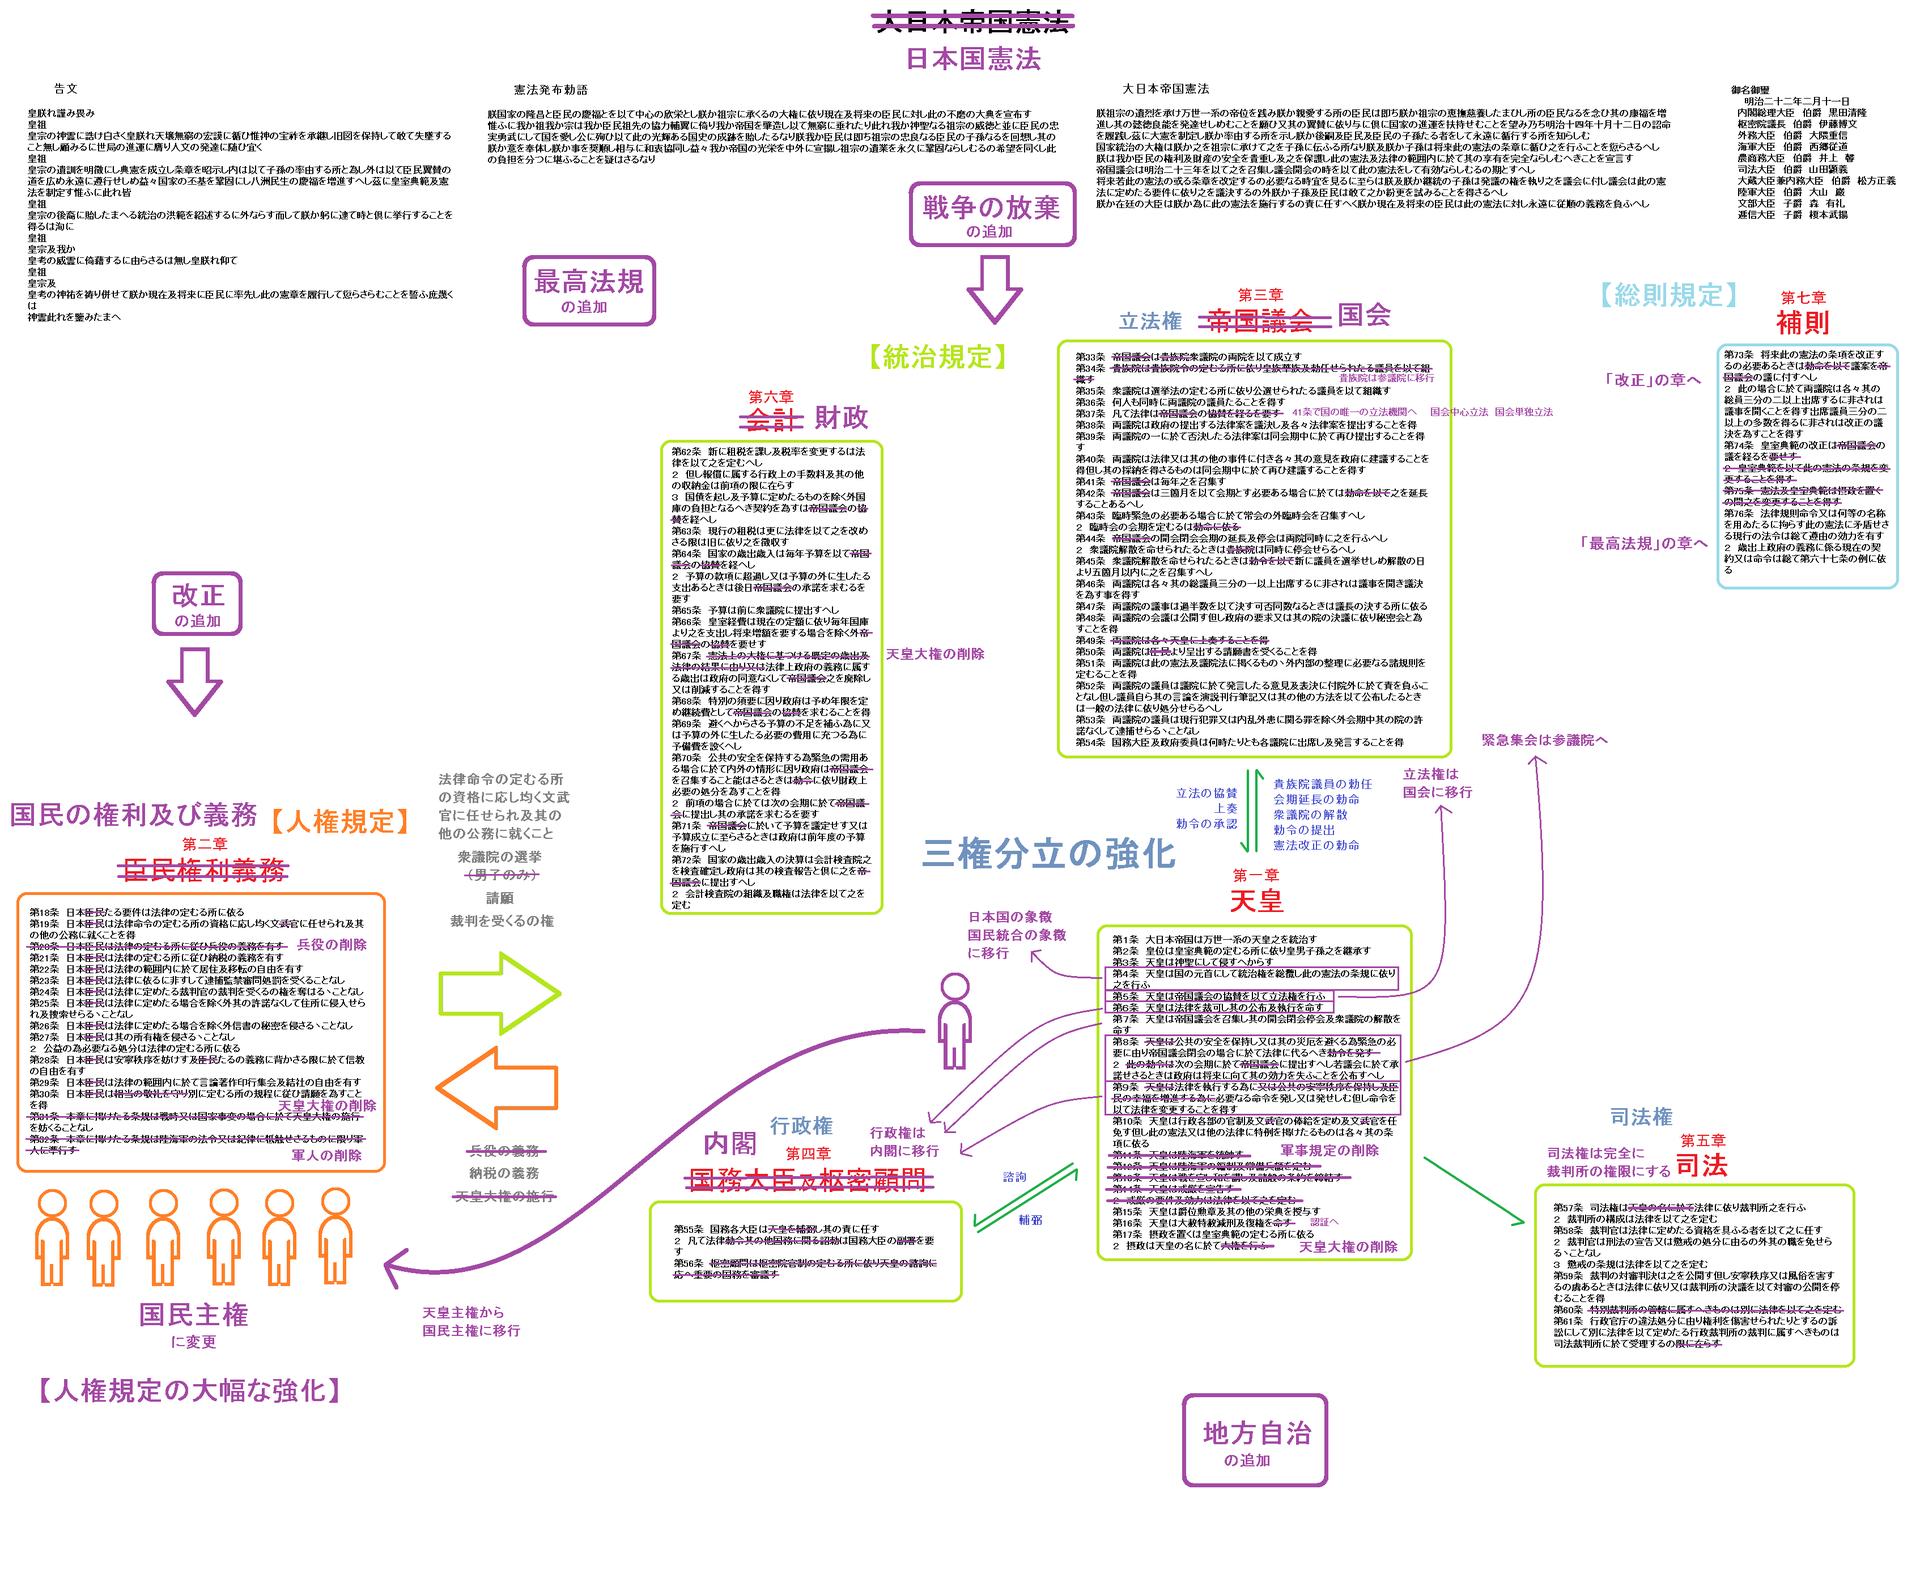 憲法の体系 - kenpokaisei